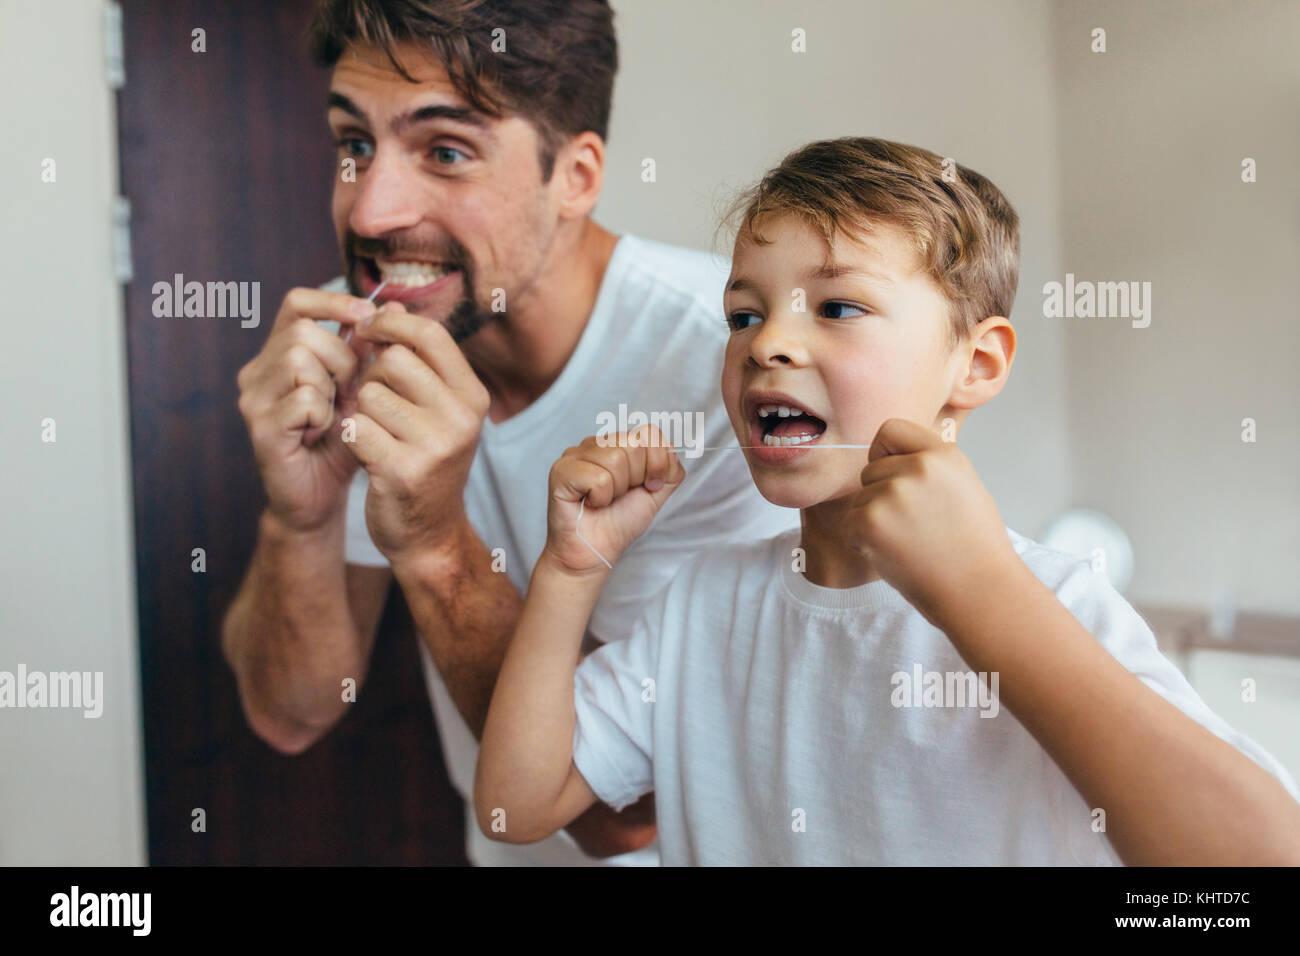 Bambino con il suo padre nel bagno pulire i denti con filo interdentale. Entrambi i cerchi in uno specchio e spazzolare Immagini Stock